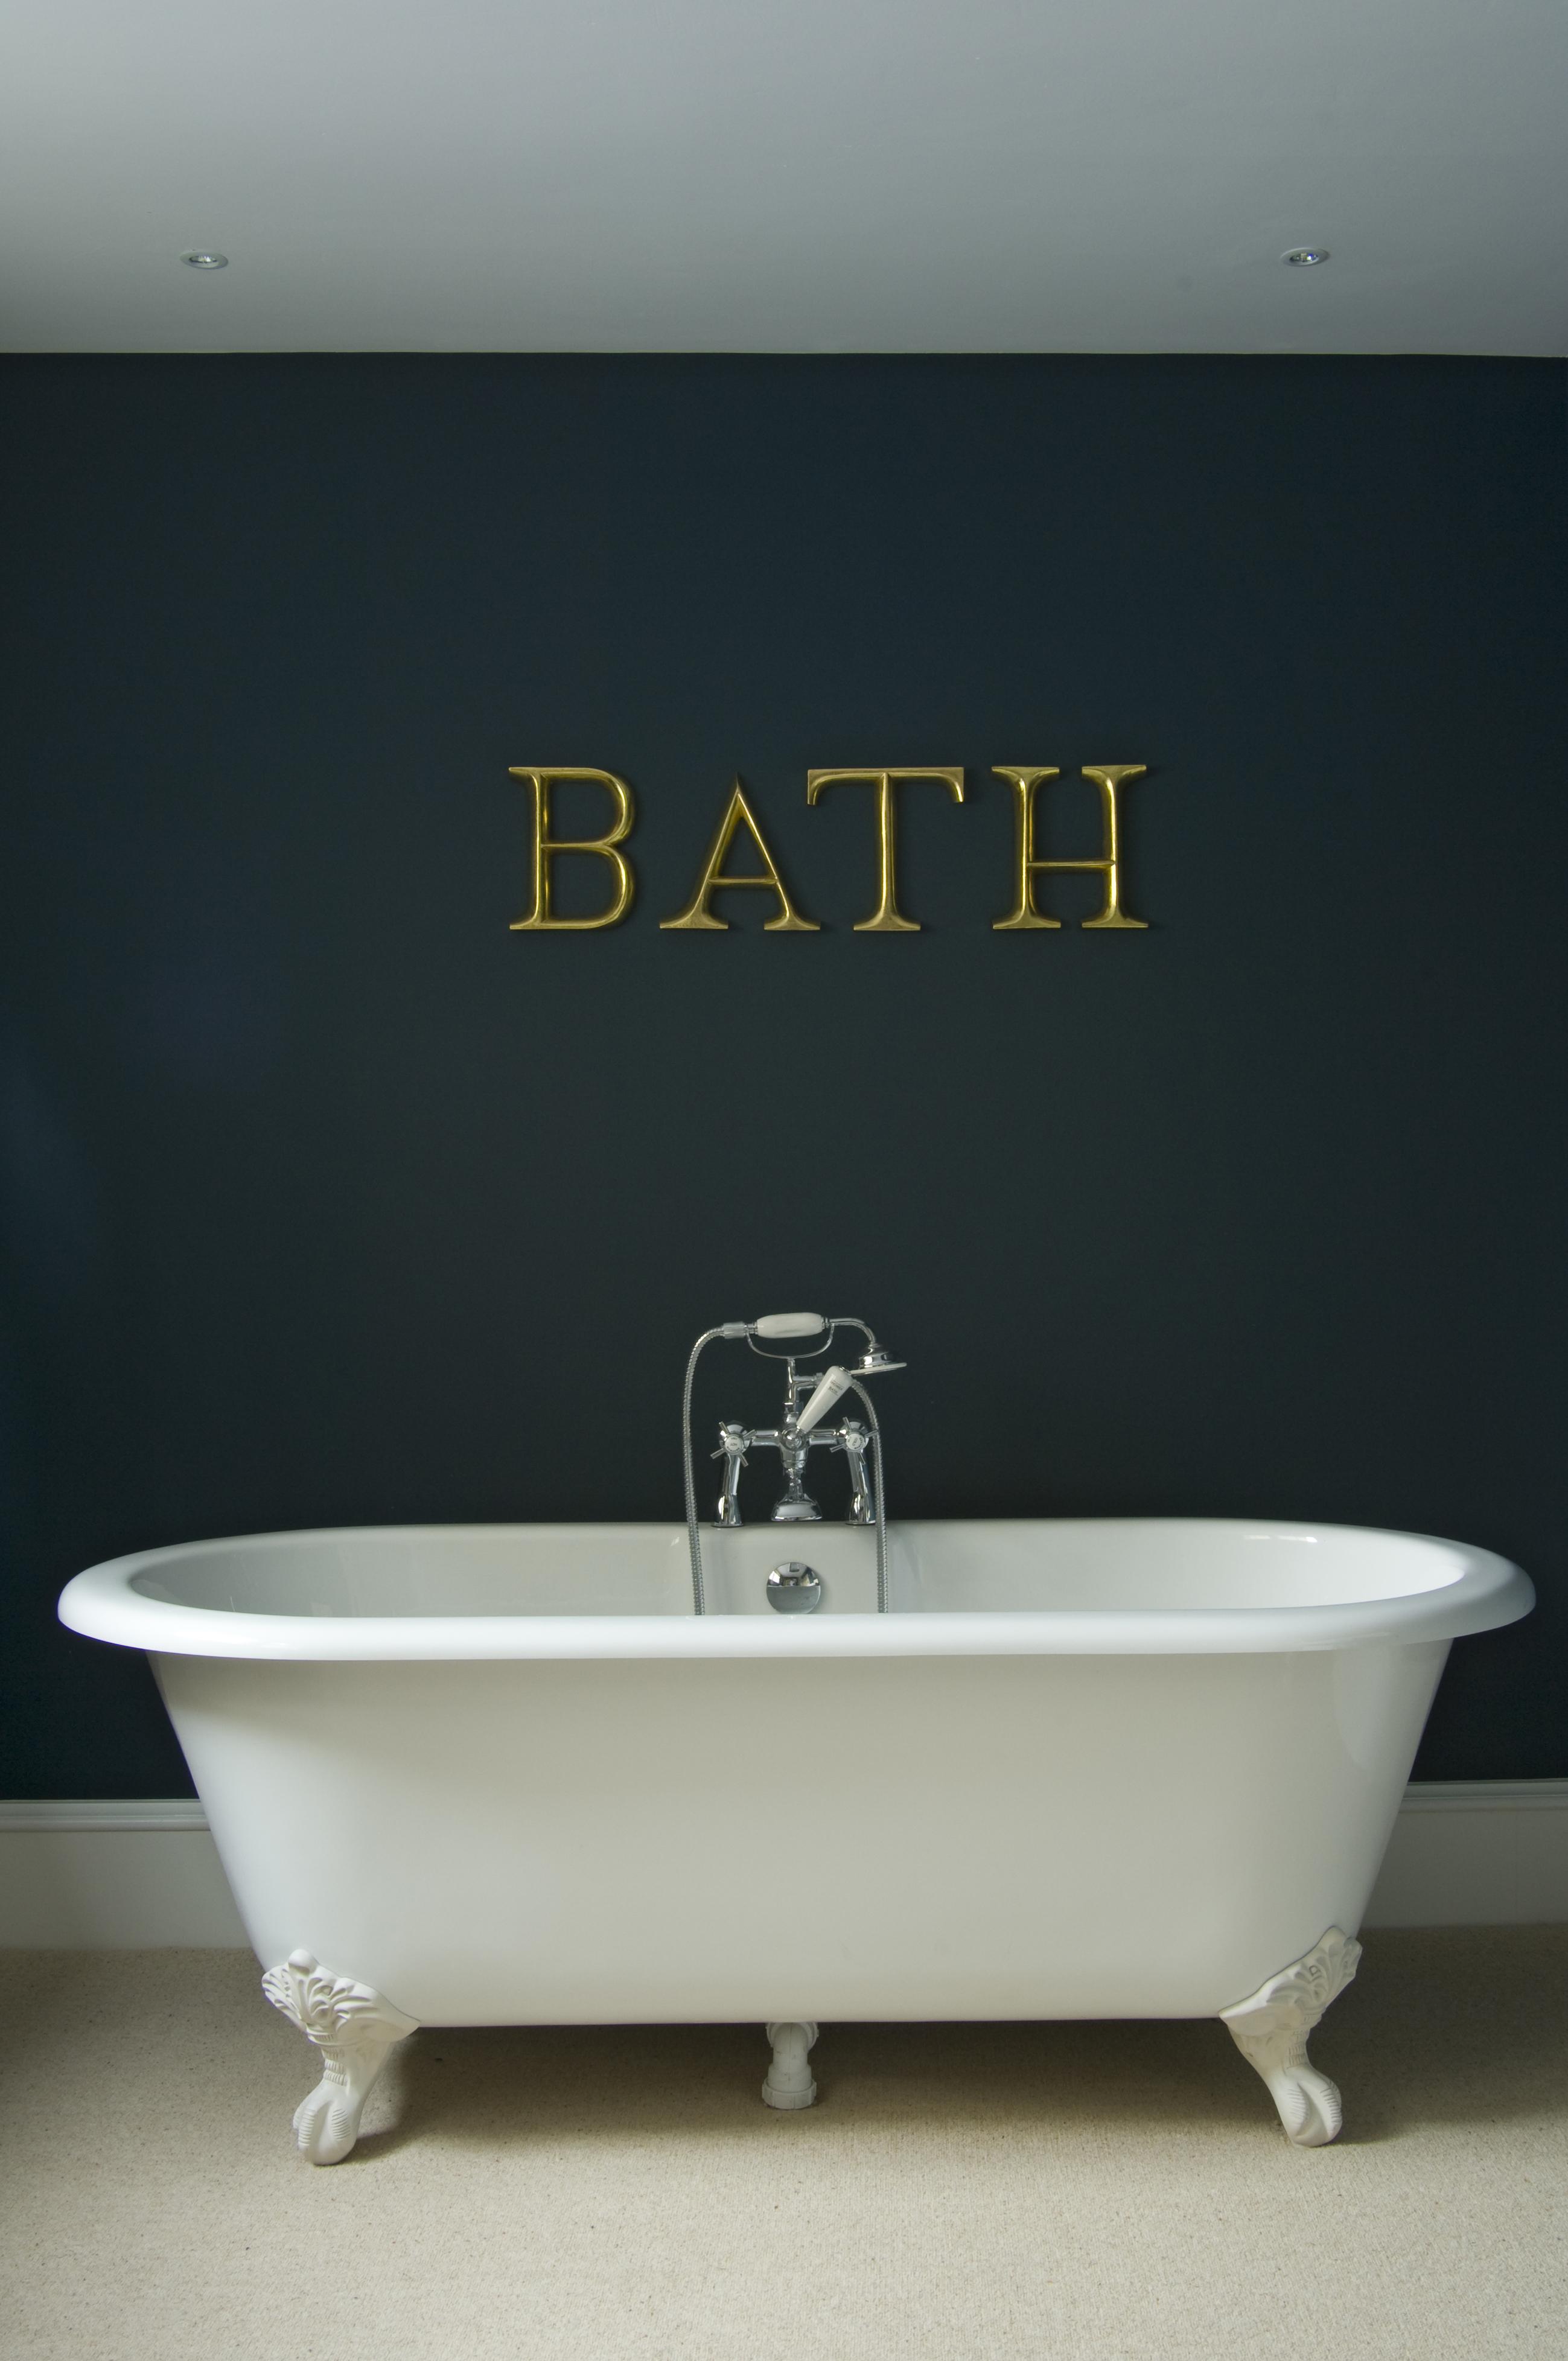 BathCrop_30ME_2005EE_2005IE_L.jpg